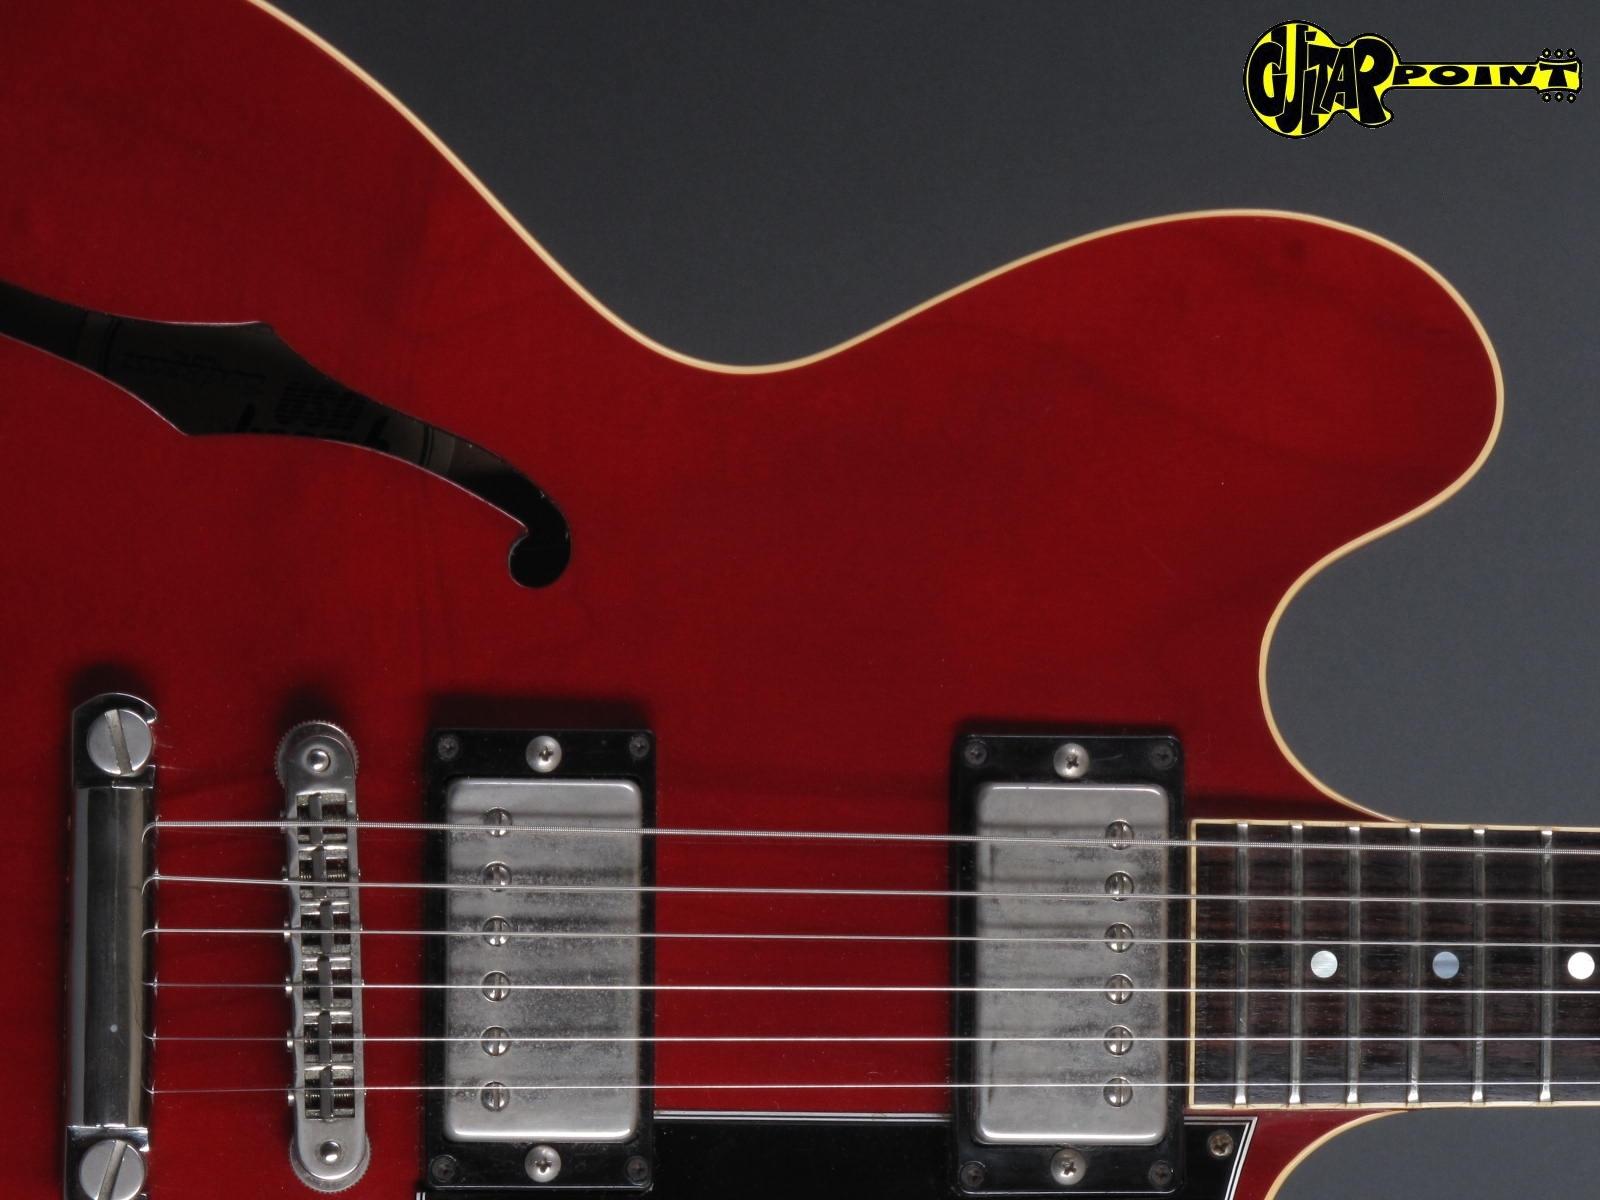 https://guitarpoint.de/app/uploads/products/1988-gibson-es-335-dot-reissue-cherry/Gibson88ES335CH82438554_22.jpg